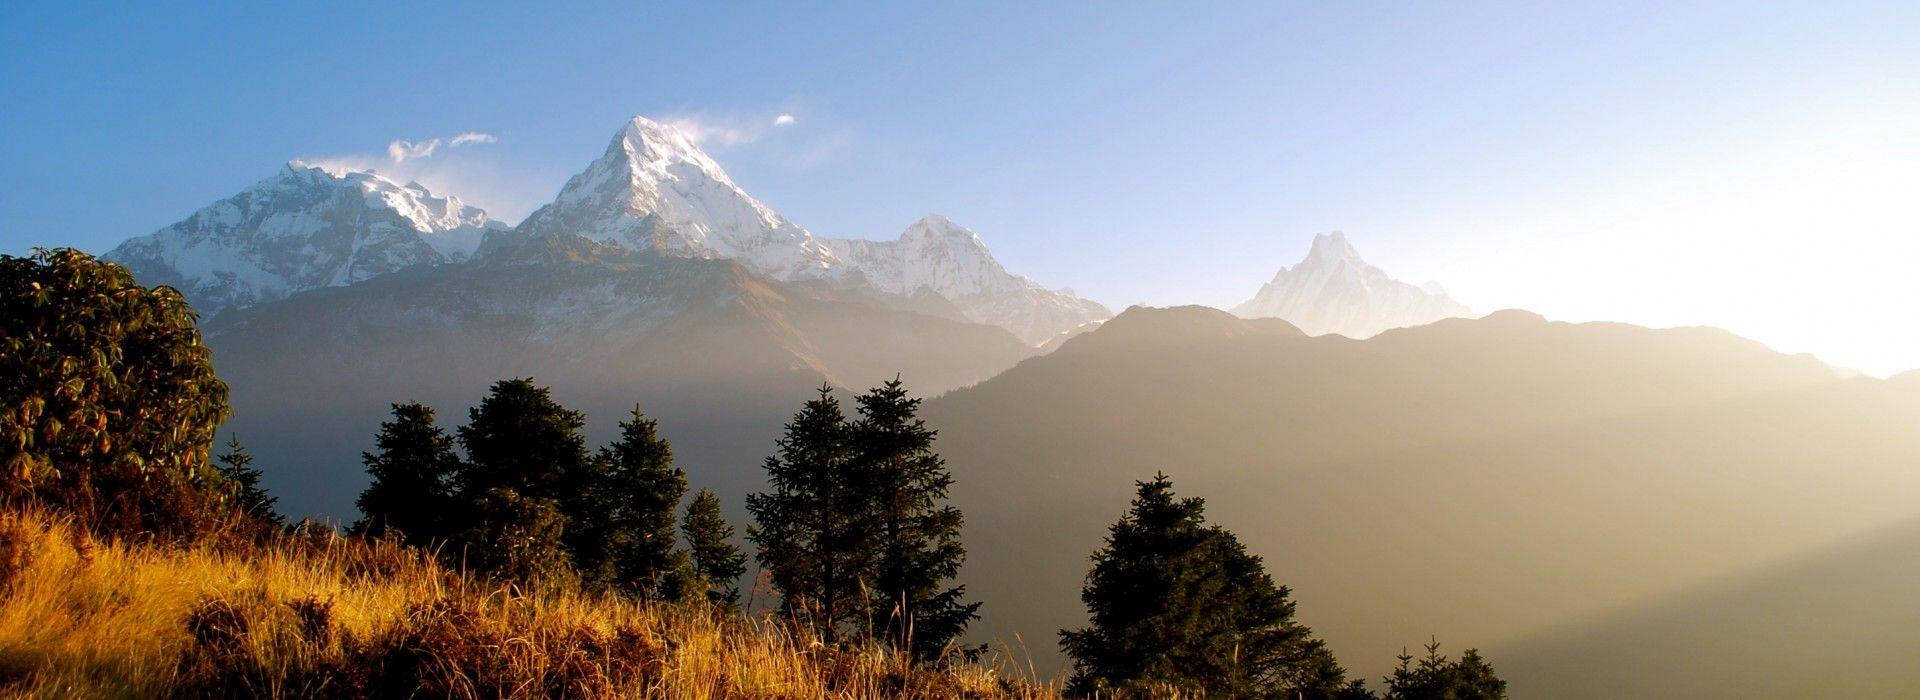 Mountains Tours in Kathmandu